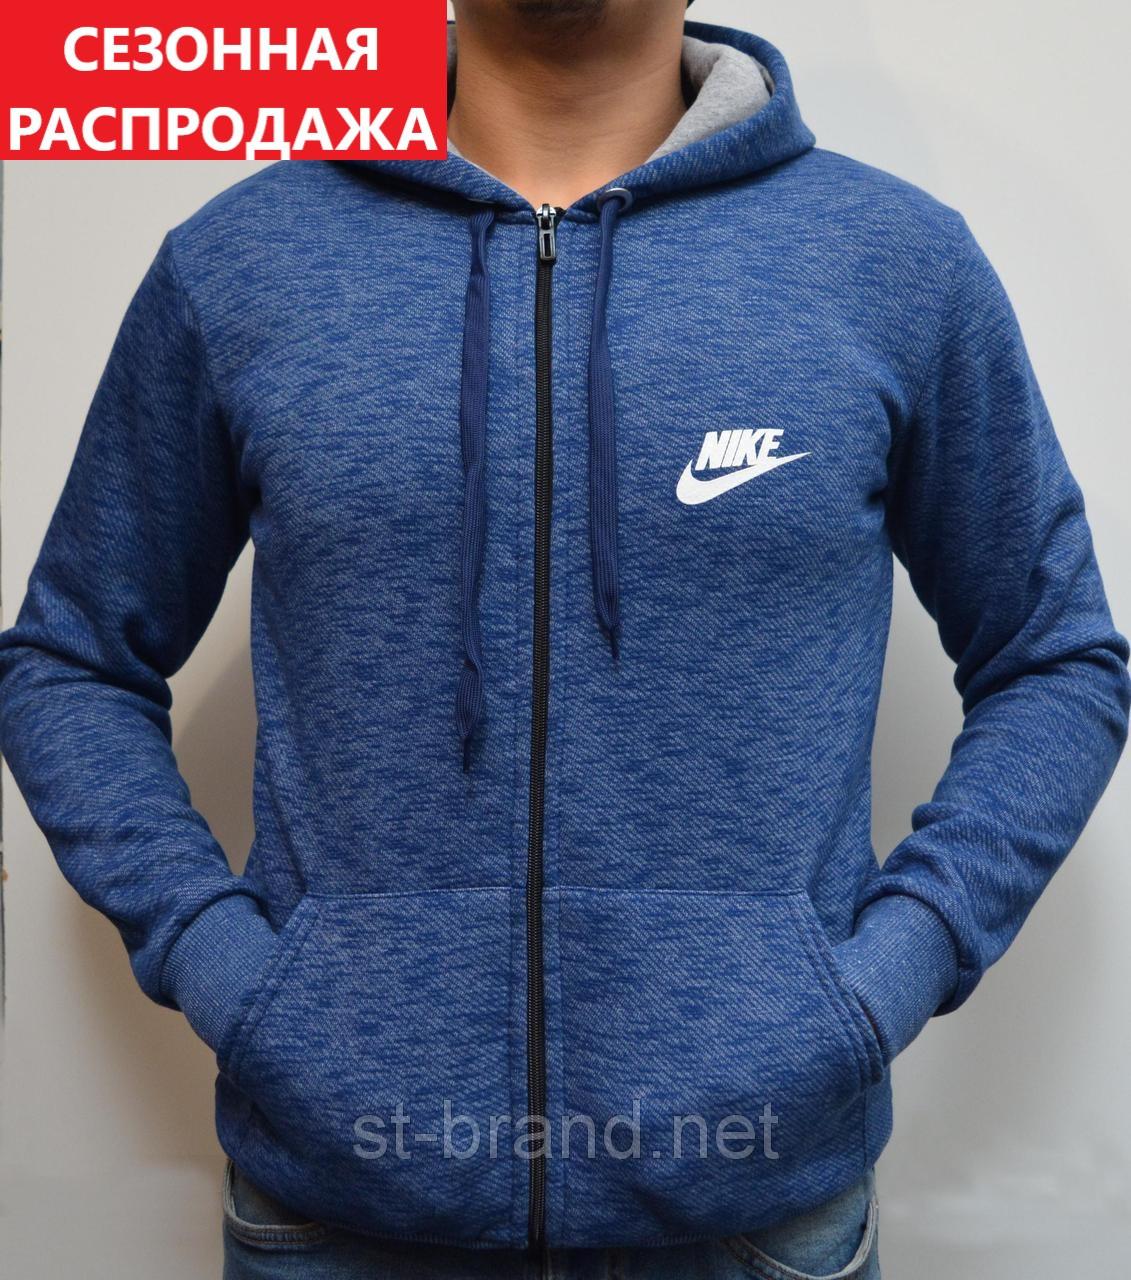 ed796932 Толстовка Nike (Найк) / Трикотаж трехнитка, Утепленная мужская кофта /  Размеры:44